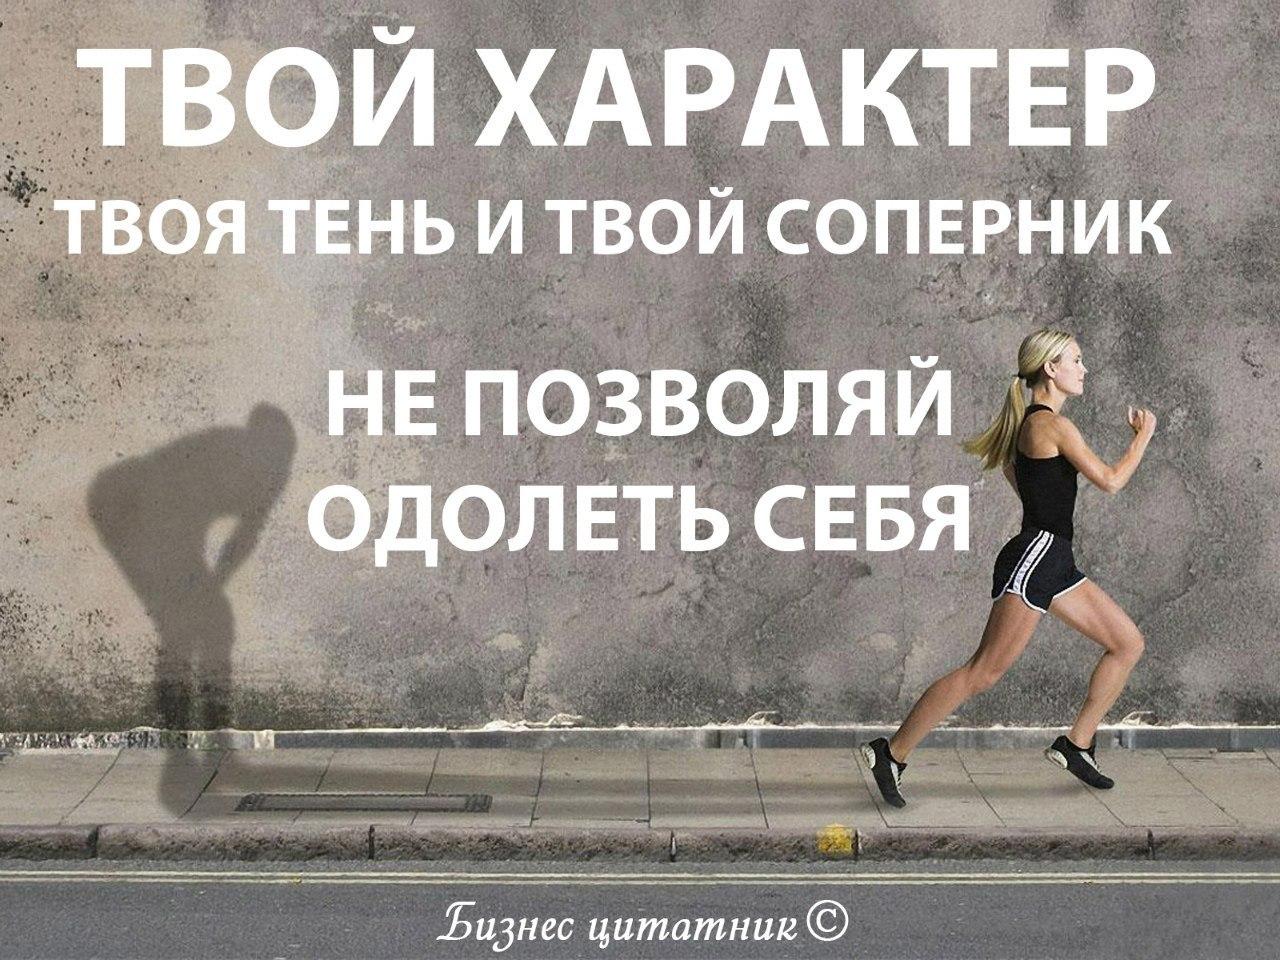 картинки которые мотивируют заниматься спортом